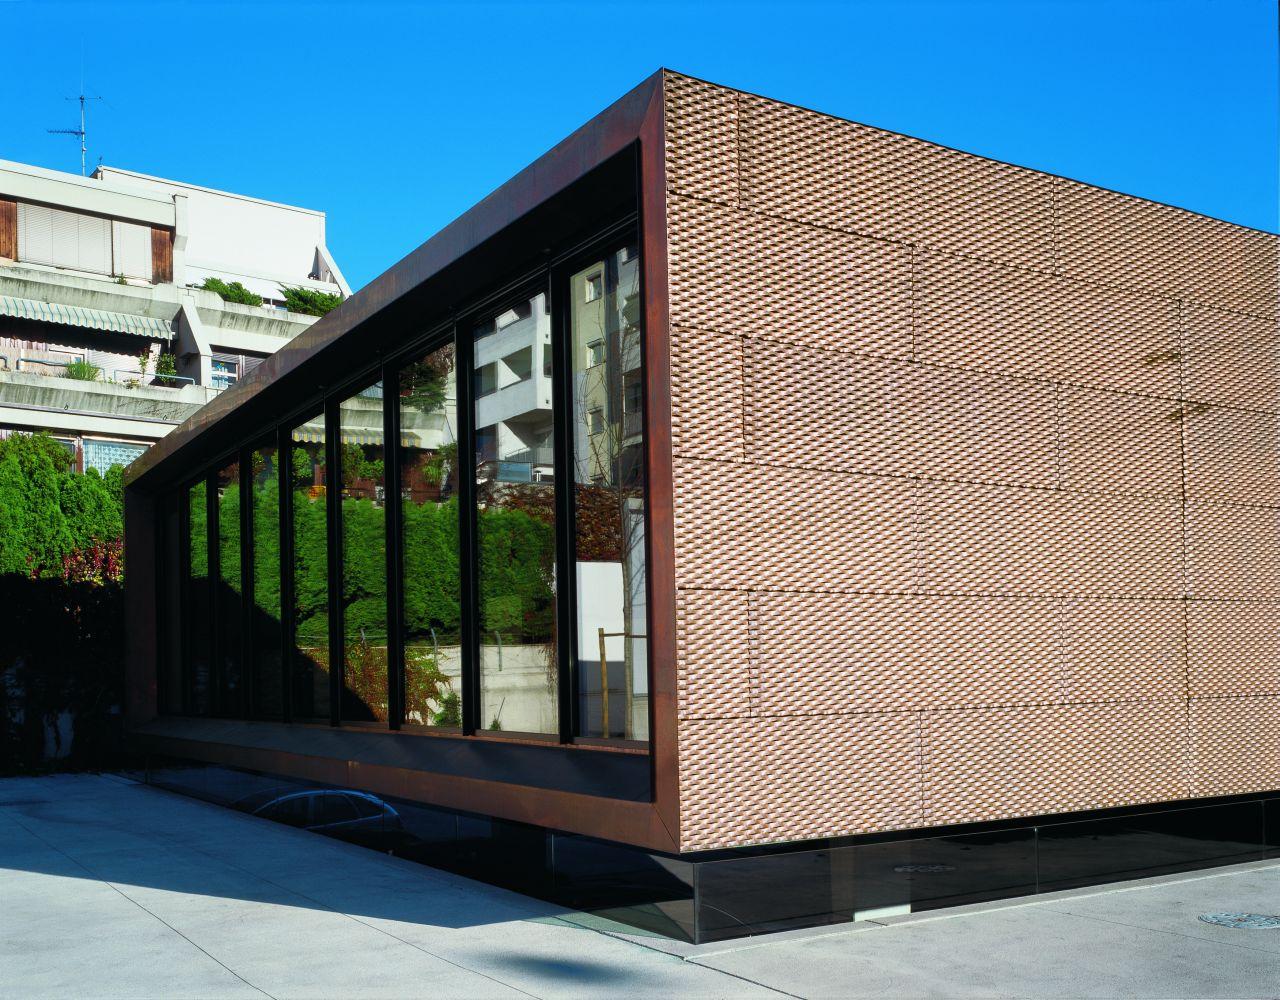 Vorgehangte Hinterluftete Fassade Aus Metall Geissler